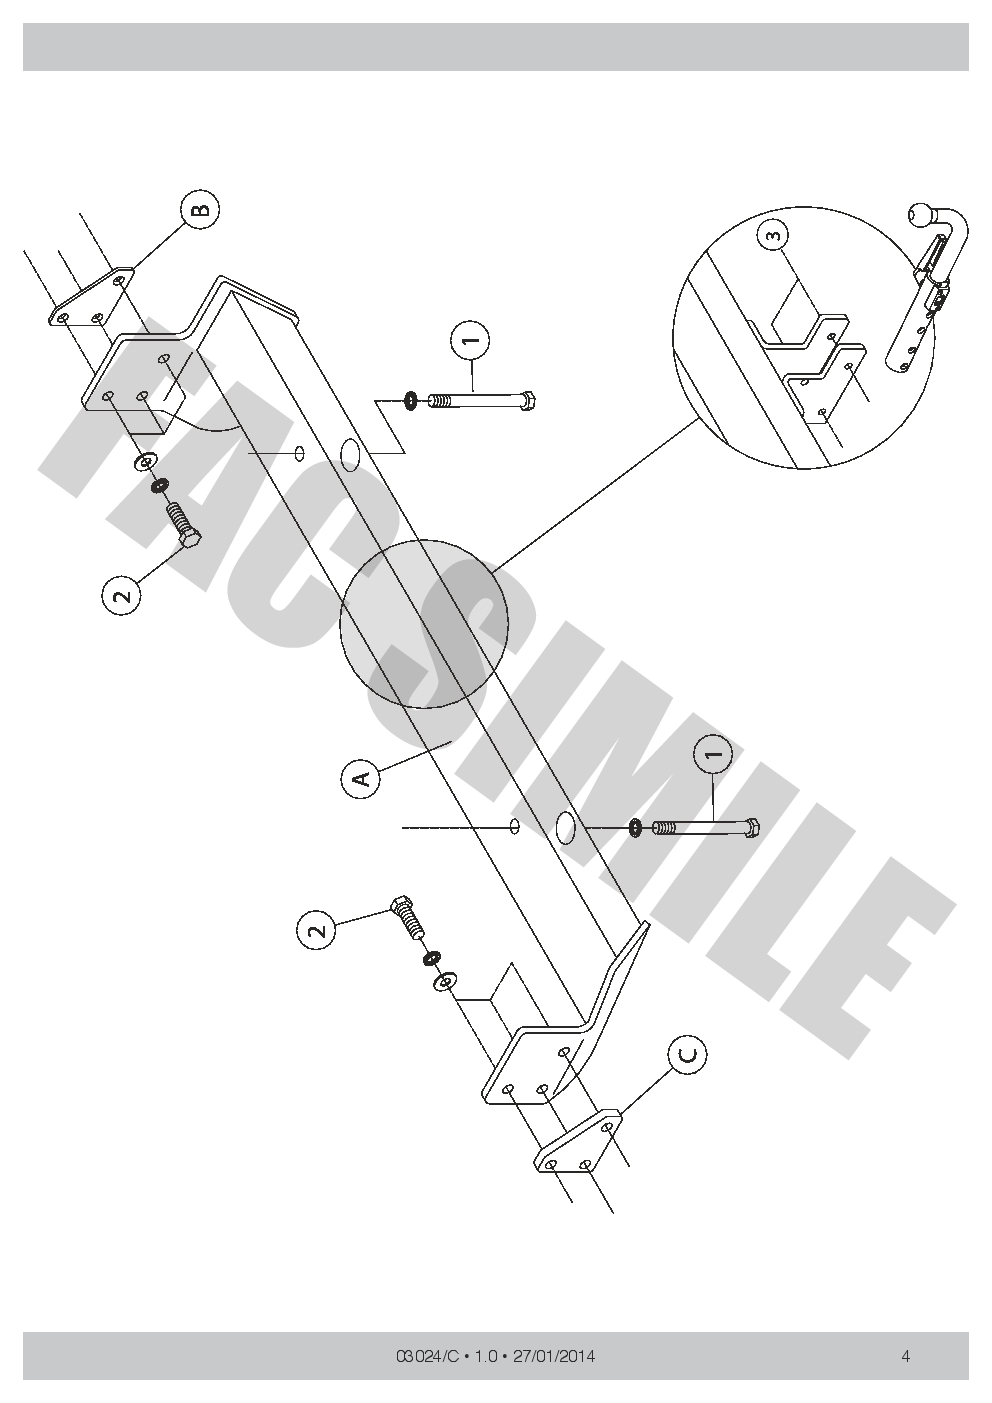 Detach Towbar 13p C2 Wiring For Rover Freelander Suv 2 4wd Hatchback Schematic